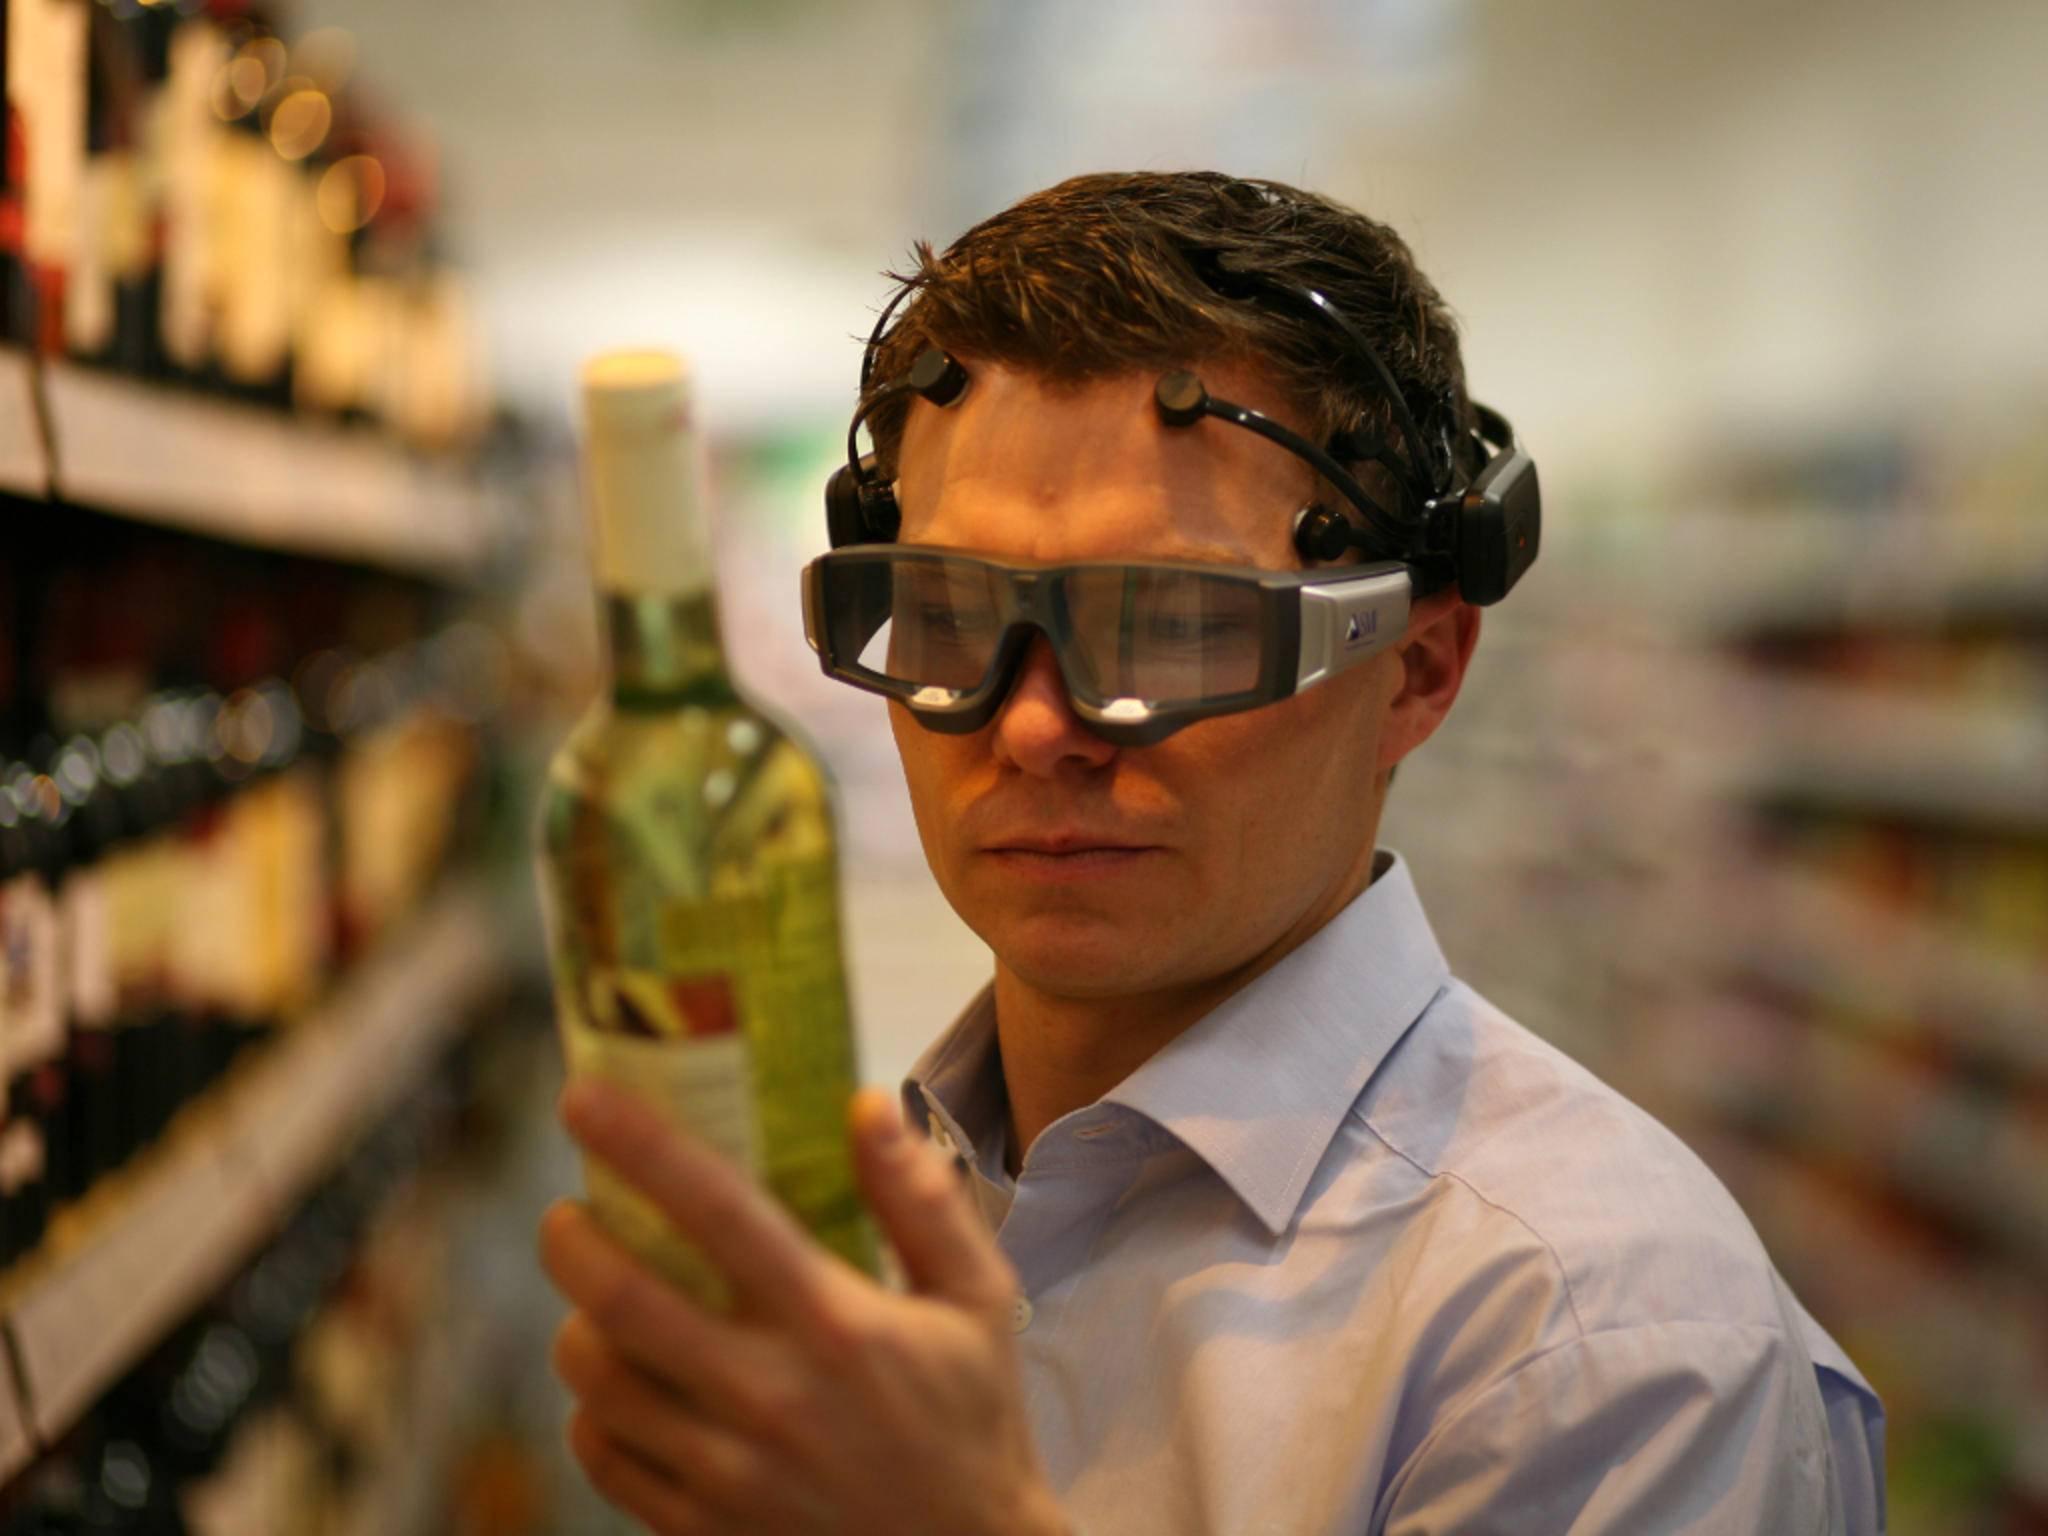 Apple ist an der Weiterentwicklung der Eye-Tracking-Technologie interessiert.